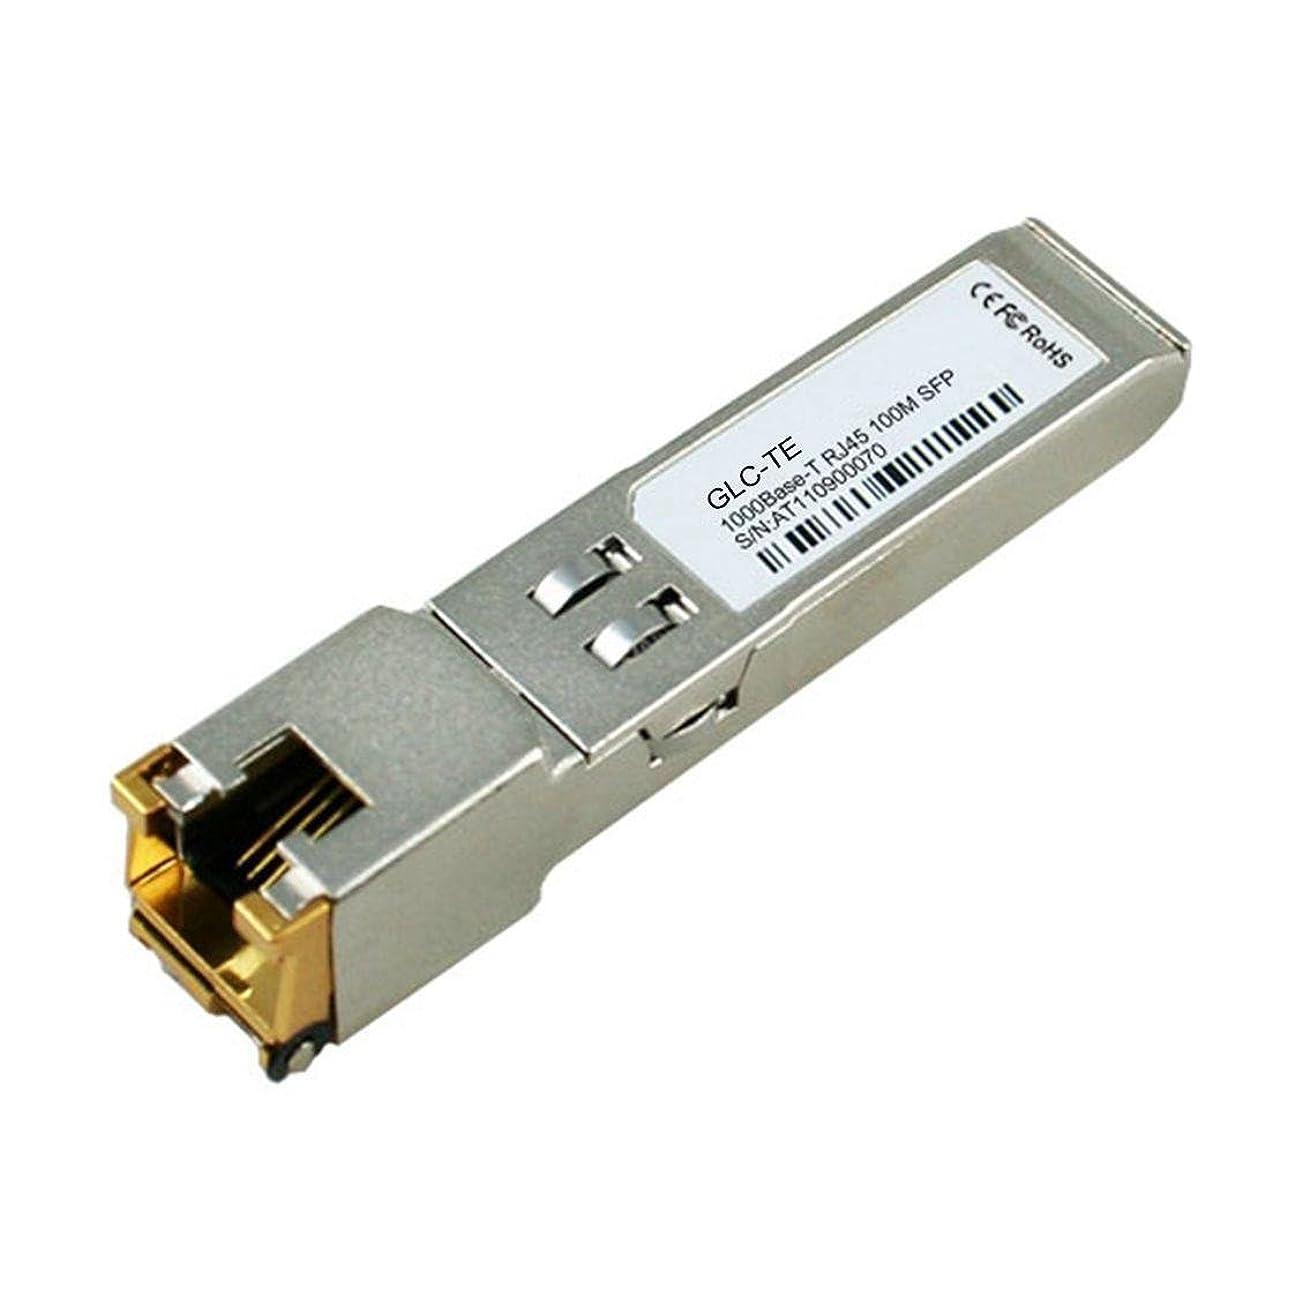 経験者信者ダーツLODFIBER GLC-TE CISCO対応互換 RJ45 1000Base-T 銅SFP トランシーバーモジュール